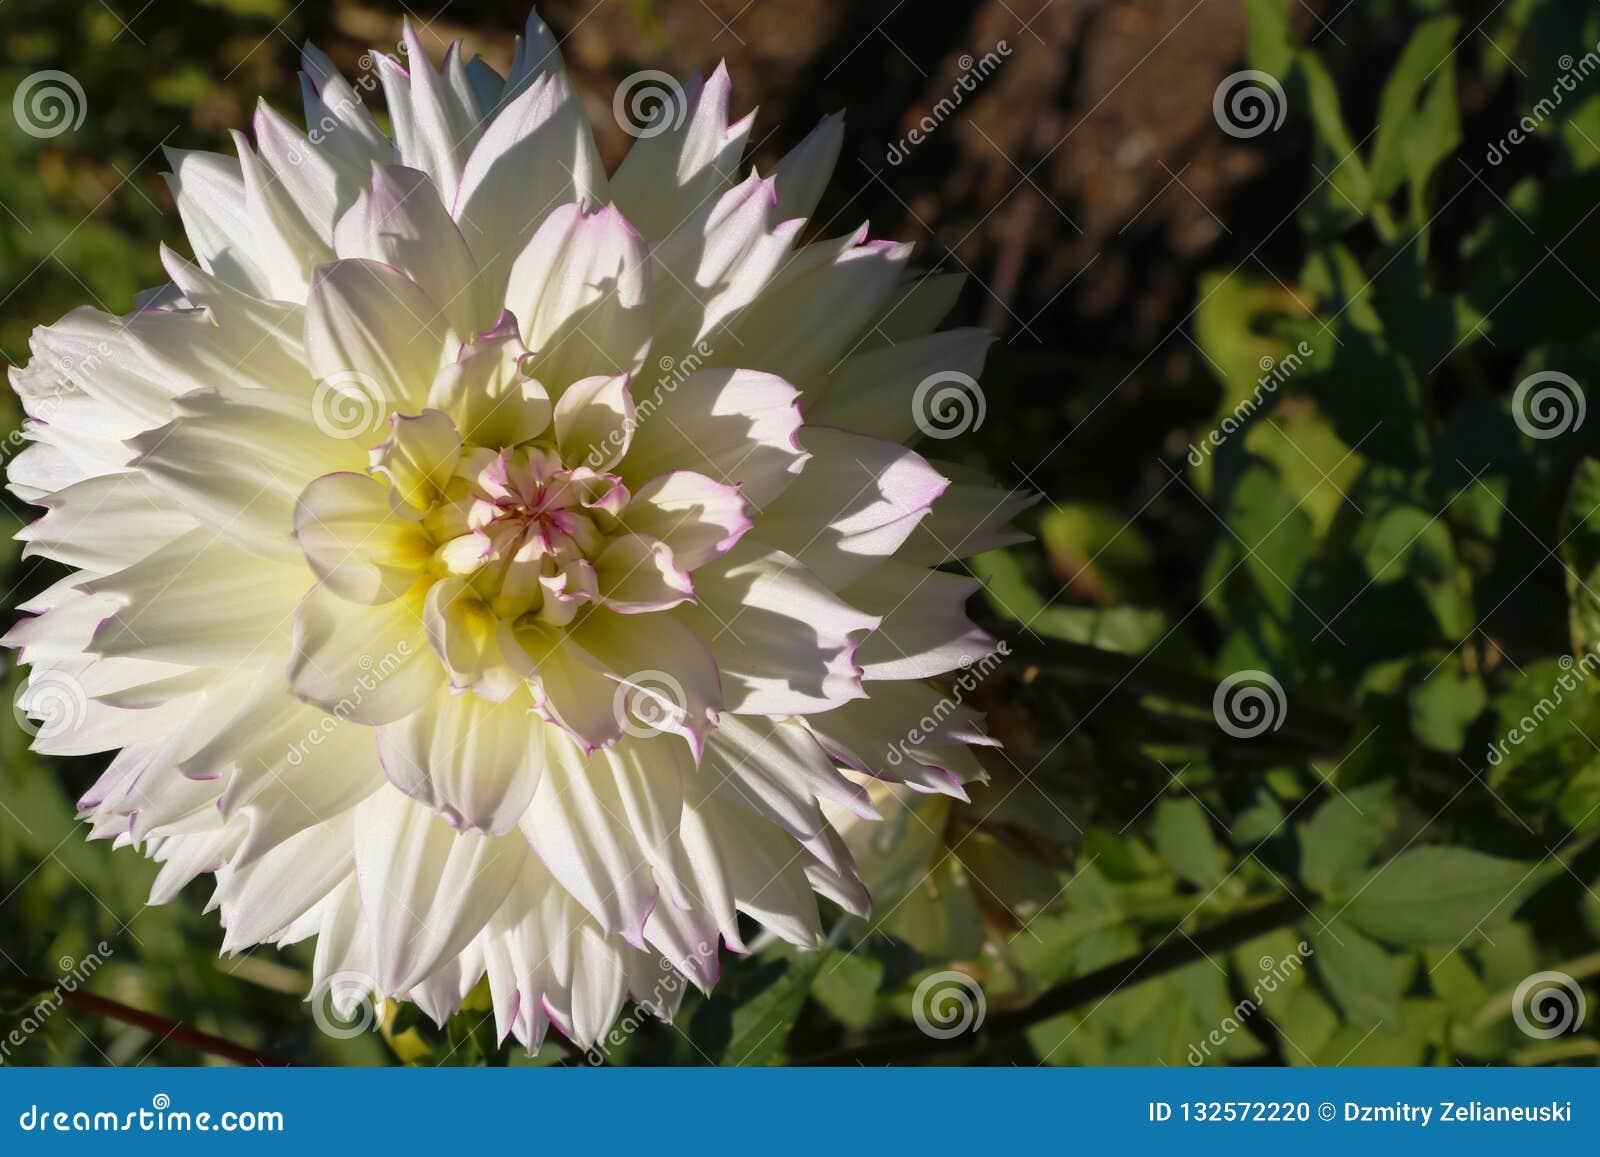 Λουλούδι κάκτων νταλιών στενό στον επάνω κήπων Ντάλια με τα κρεμ πέταλα